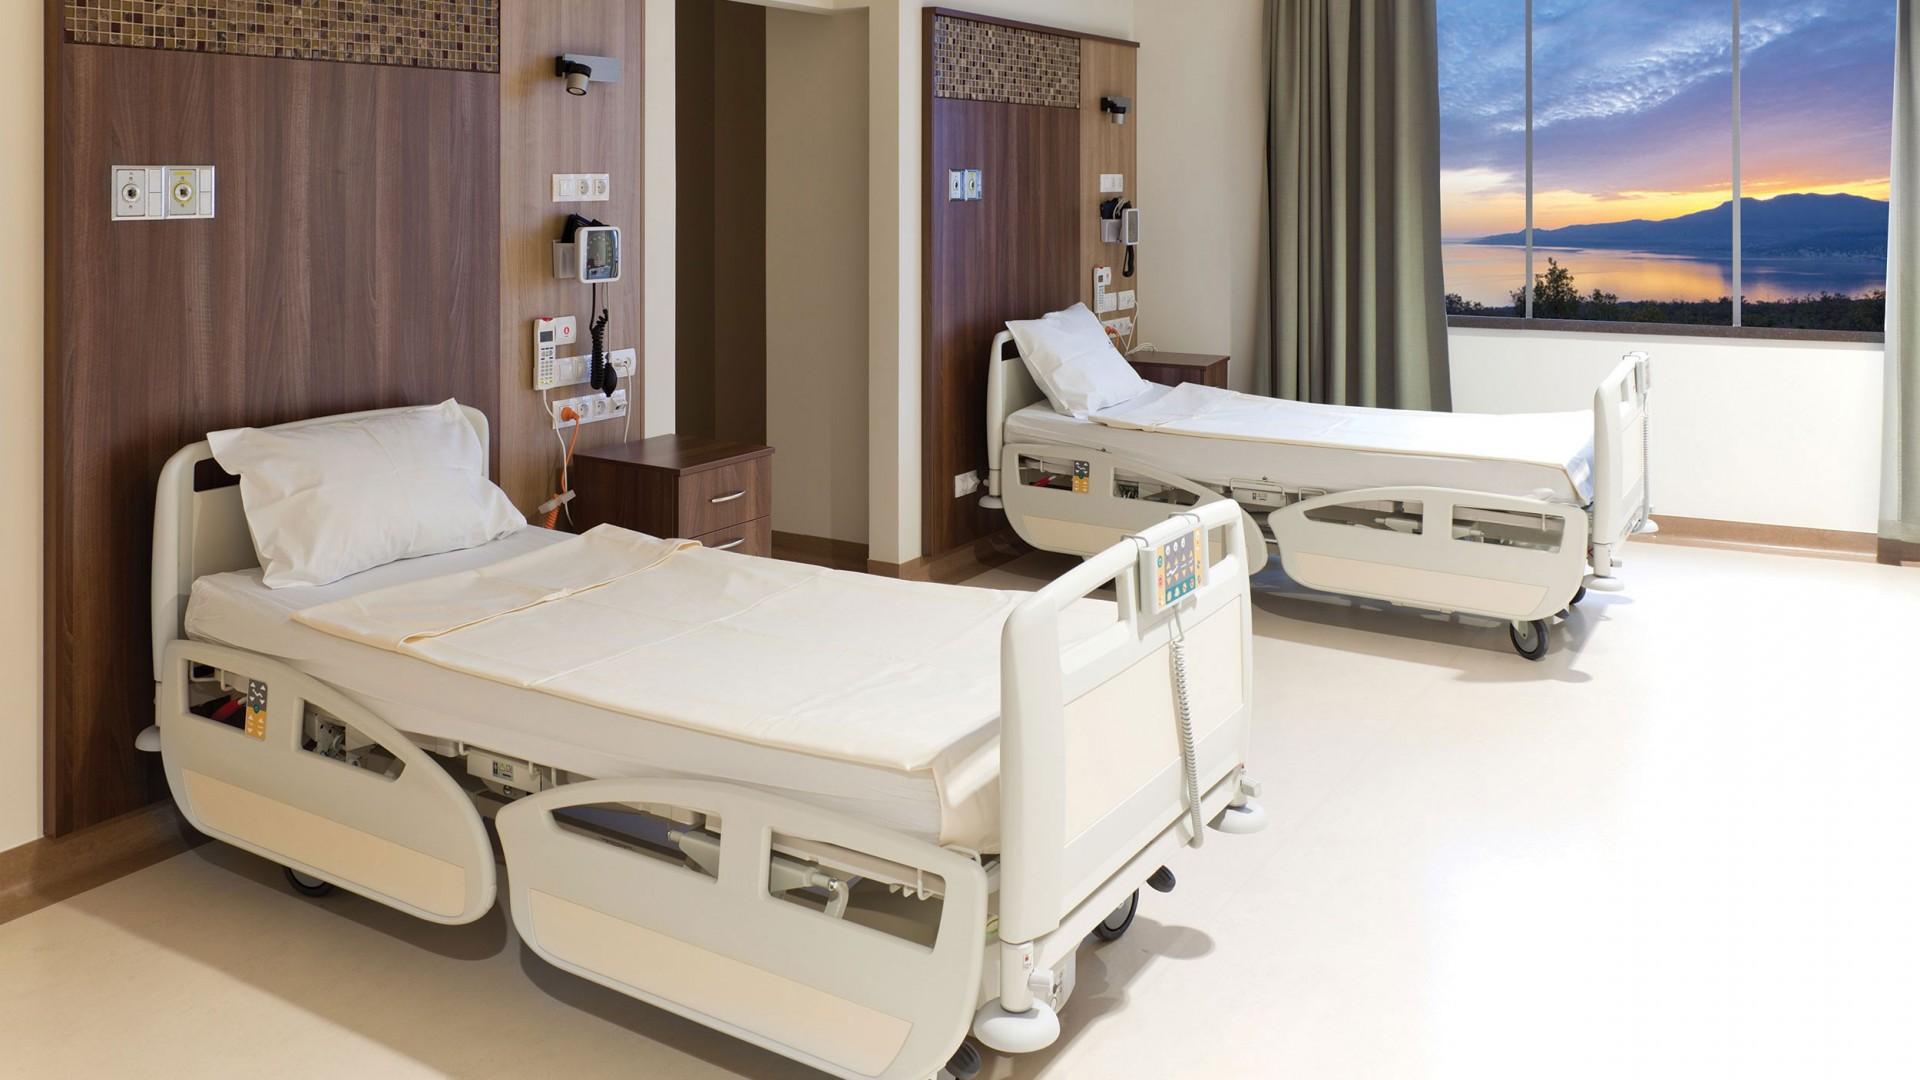 Gaga Wypożyczalnia Sprzętu Rehabilitacyjnego Medycznego